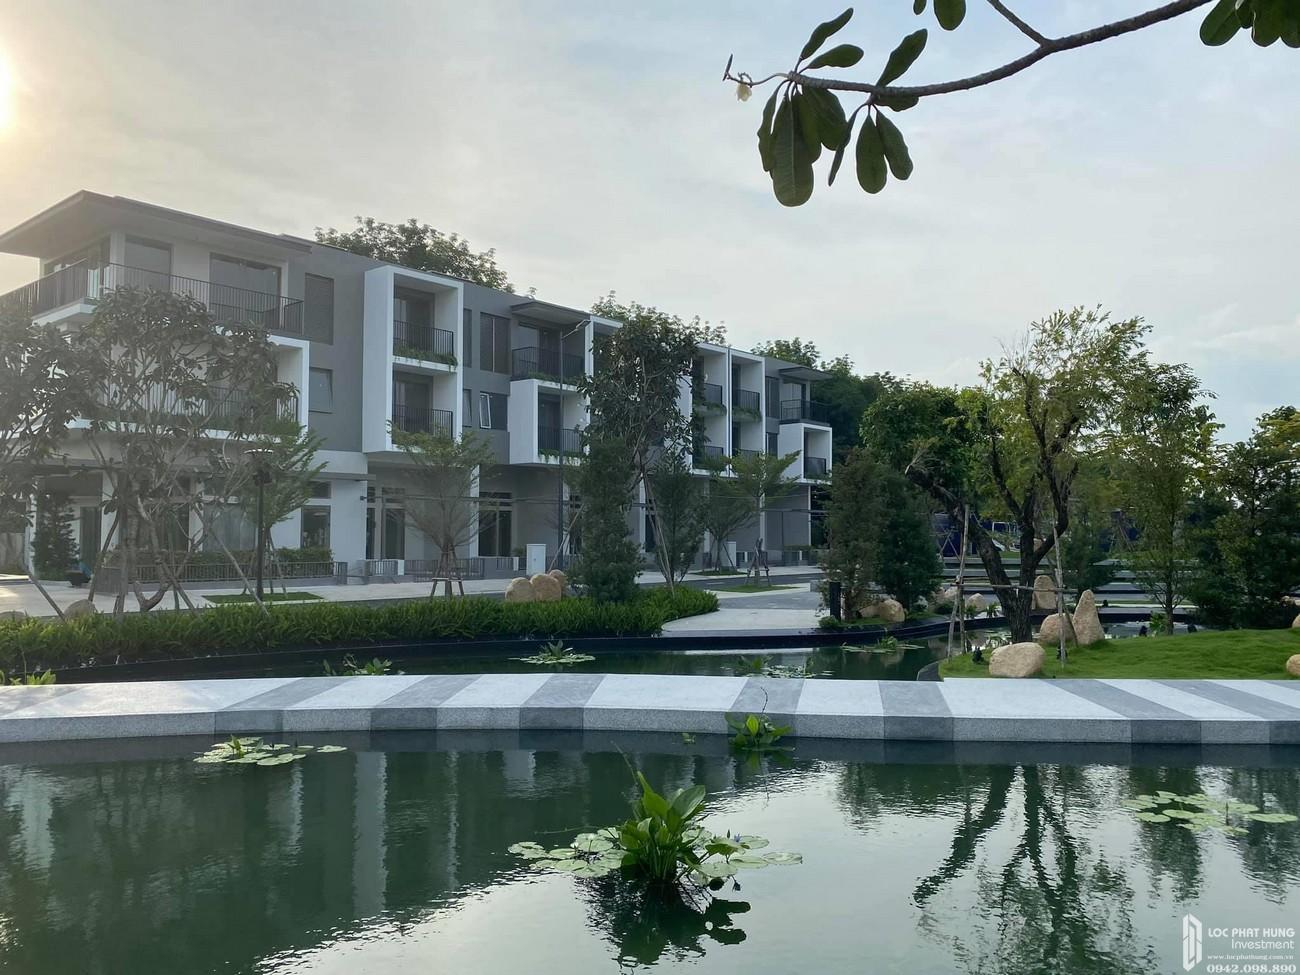 Hình ảnh thực tế tiến độ dự án nhà phố The Standard Central ParkBình Dương chủ đầu tư An Gia